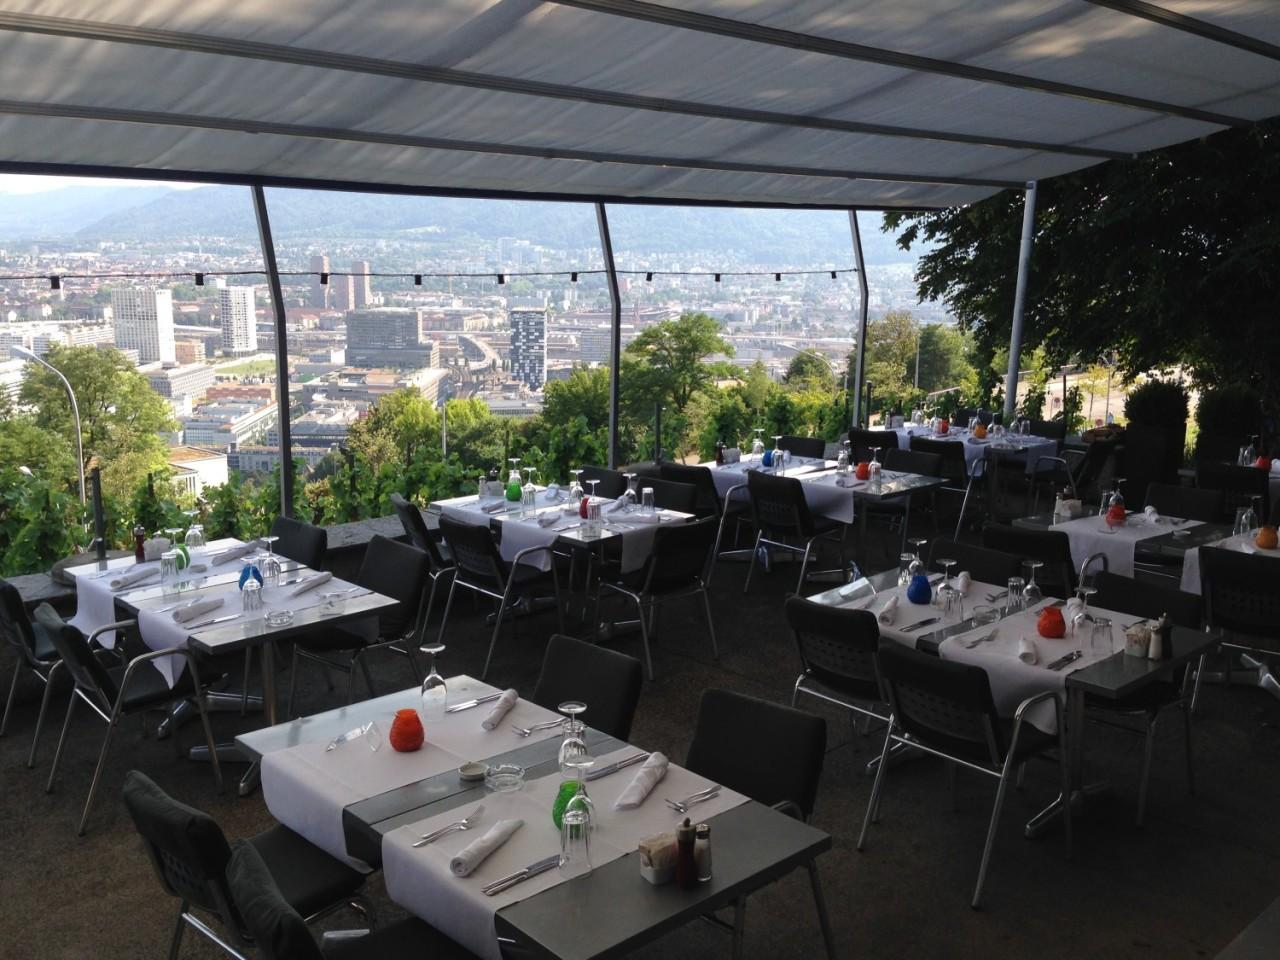 Die Aussicht auf die Stadt Zürich